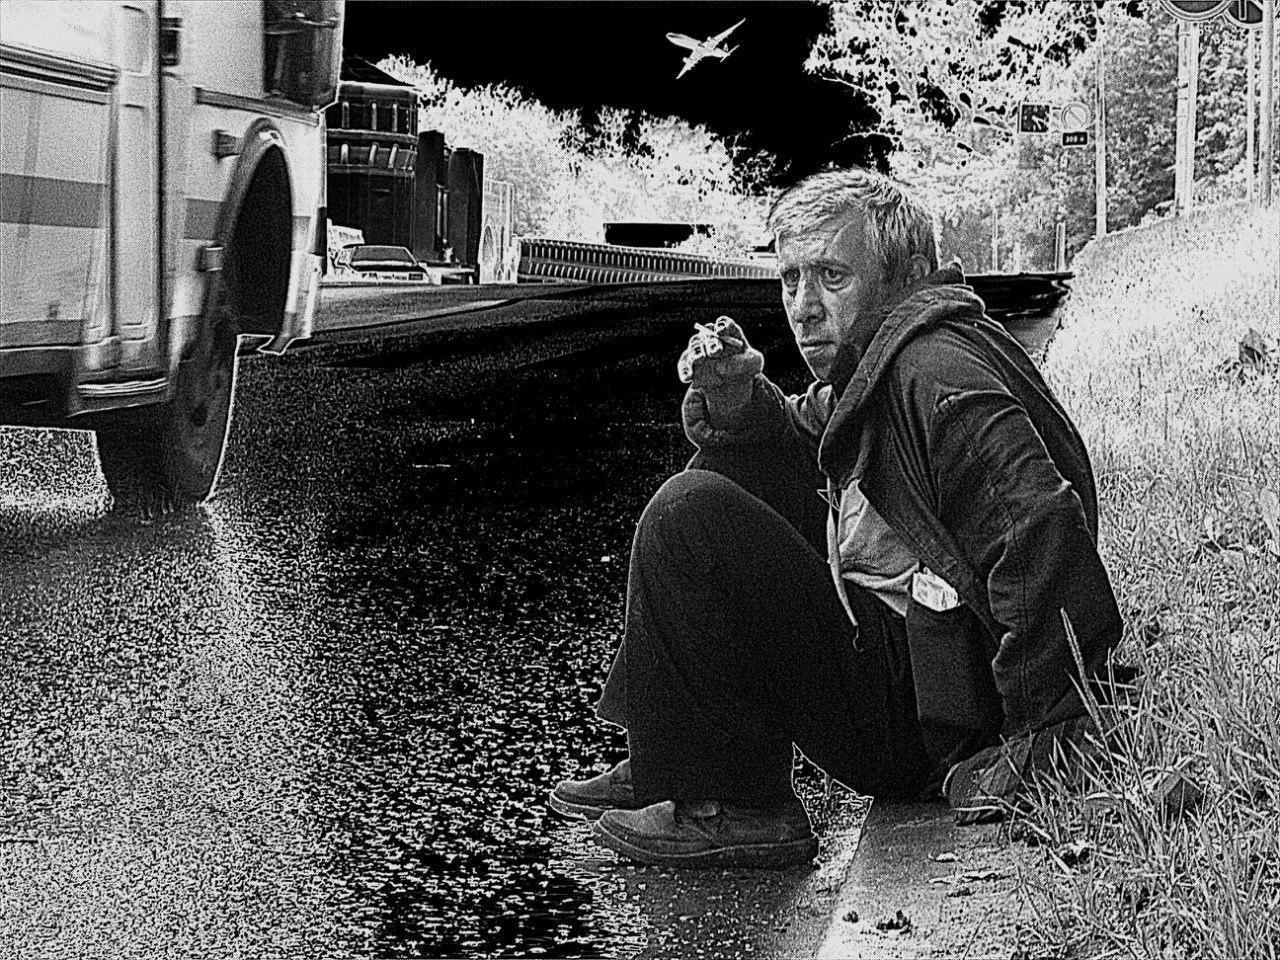 """Юрий Антипычев. Происходящее. """"Наедине с жизнью"""", 2004"""